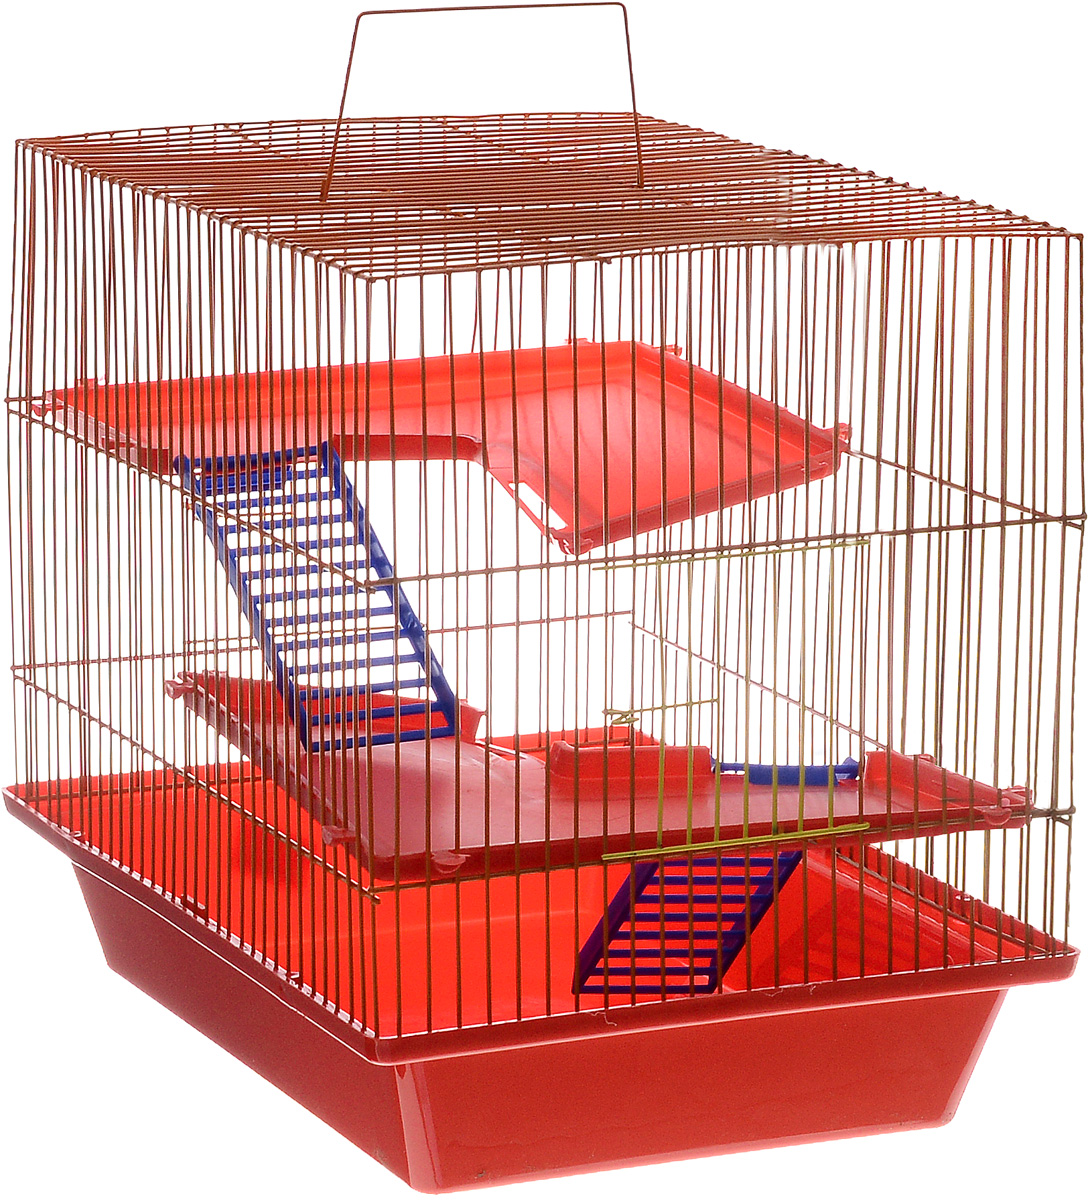 Клетка для грызунов ЗооМарк Гризли, 3-этажная, цвет: красный поддон, оранжевая решетка, красные этажи, 41 х 30 х 36 см230КОКлетка ЗооМарк Гризли, выполненная из полипропилена и металла, подходит для мелких грызунов. Изделие трехэтажное. Клетка имеет яркий поддон, удобна в использовании и легко чистится. Сверху имеется ручка для переноски.Такая клетка станет уединенным личным пространством и уютным домиком для маленького грызуна.